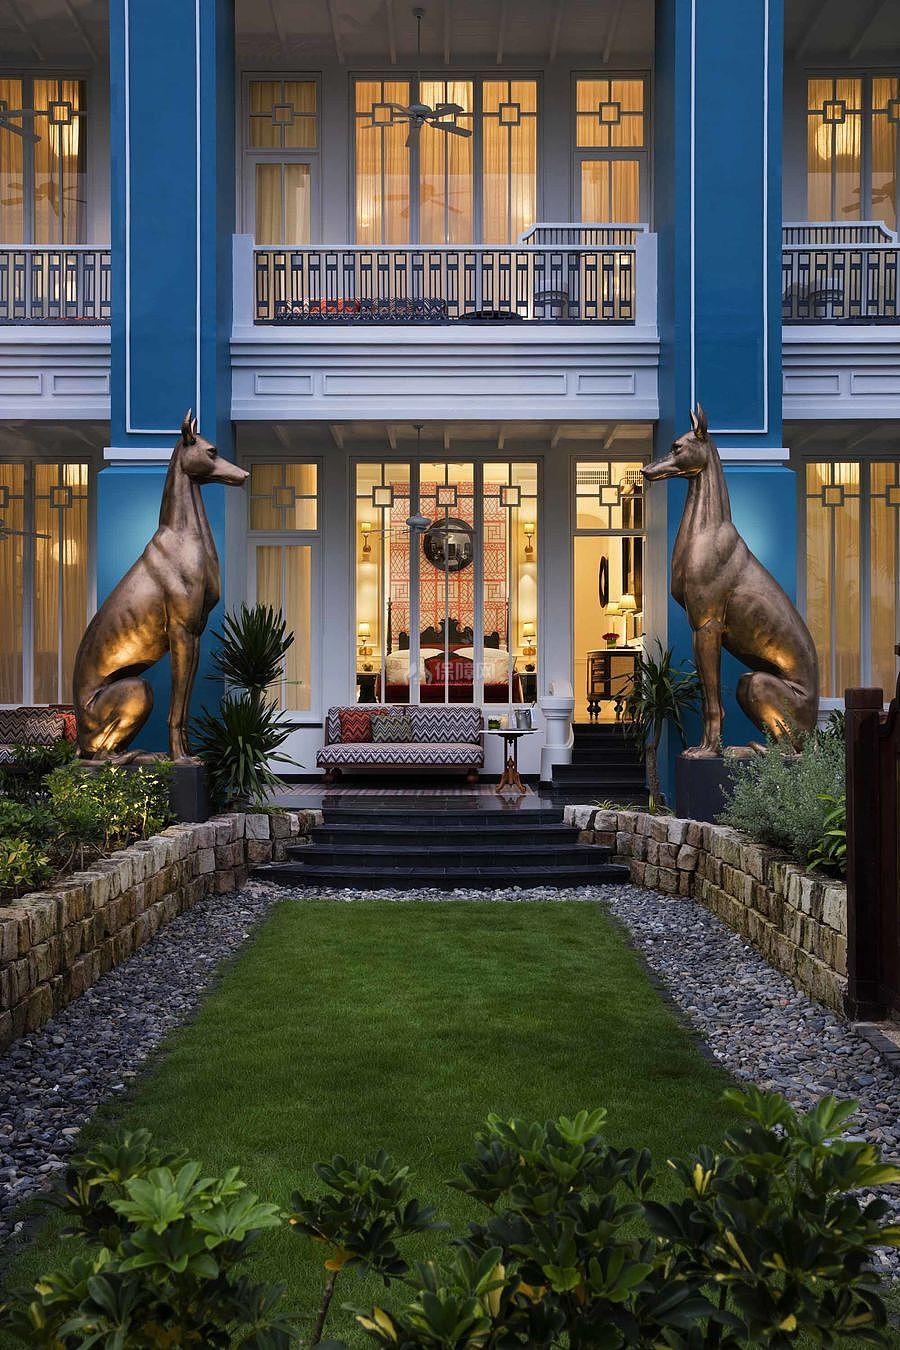 JW万豪酒店之庭院装修布置效果图